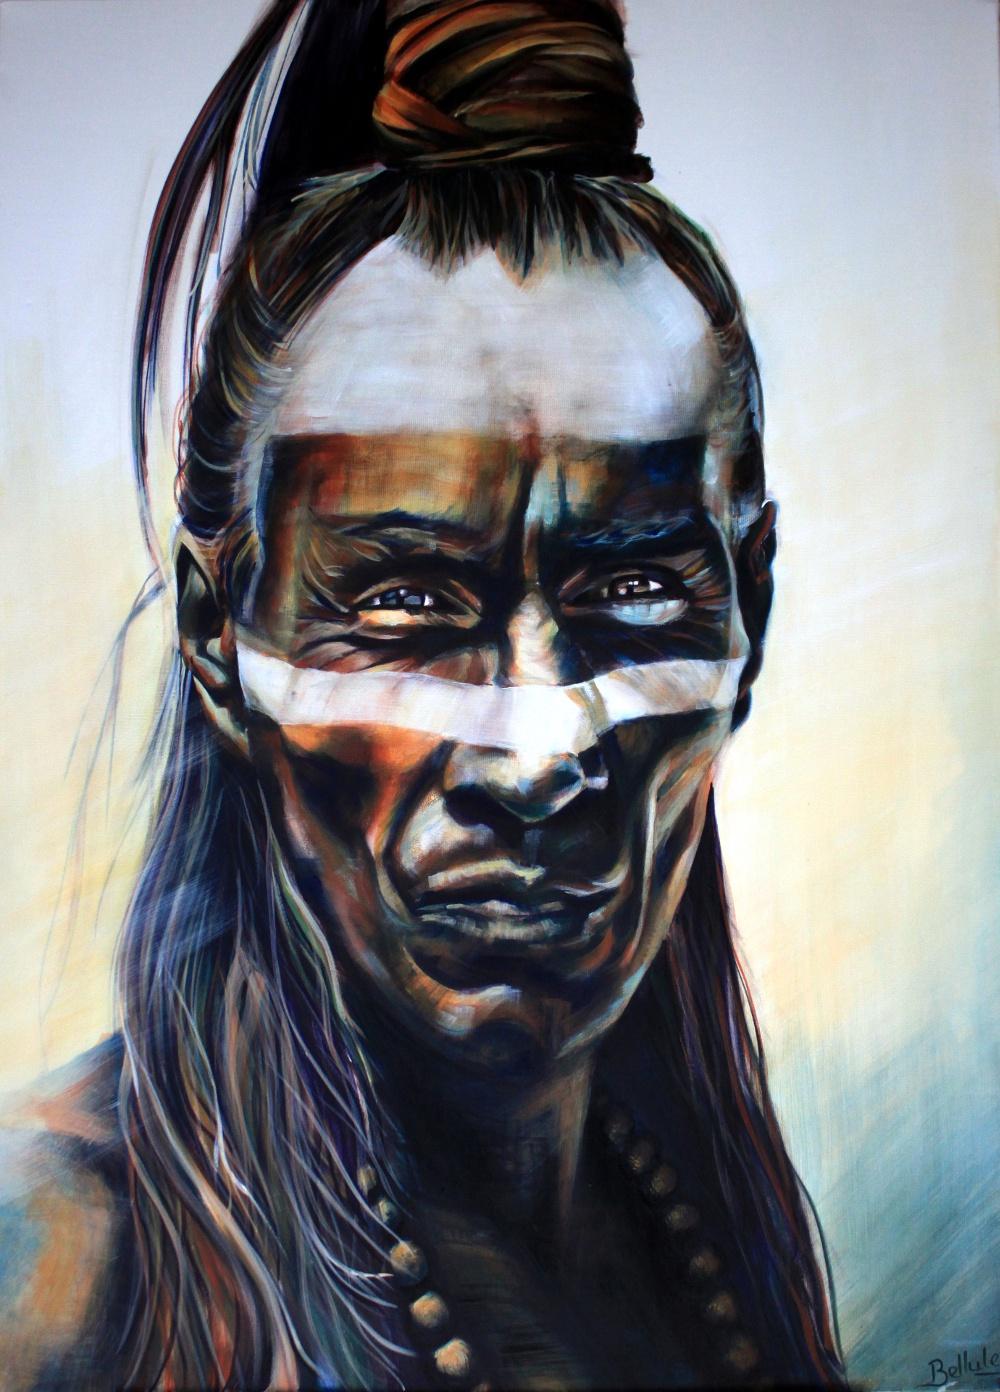 mayan indian de Julie Bellule